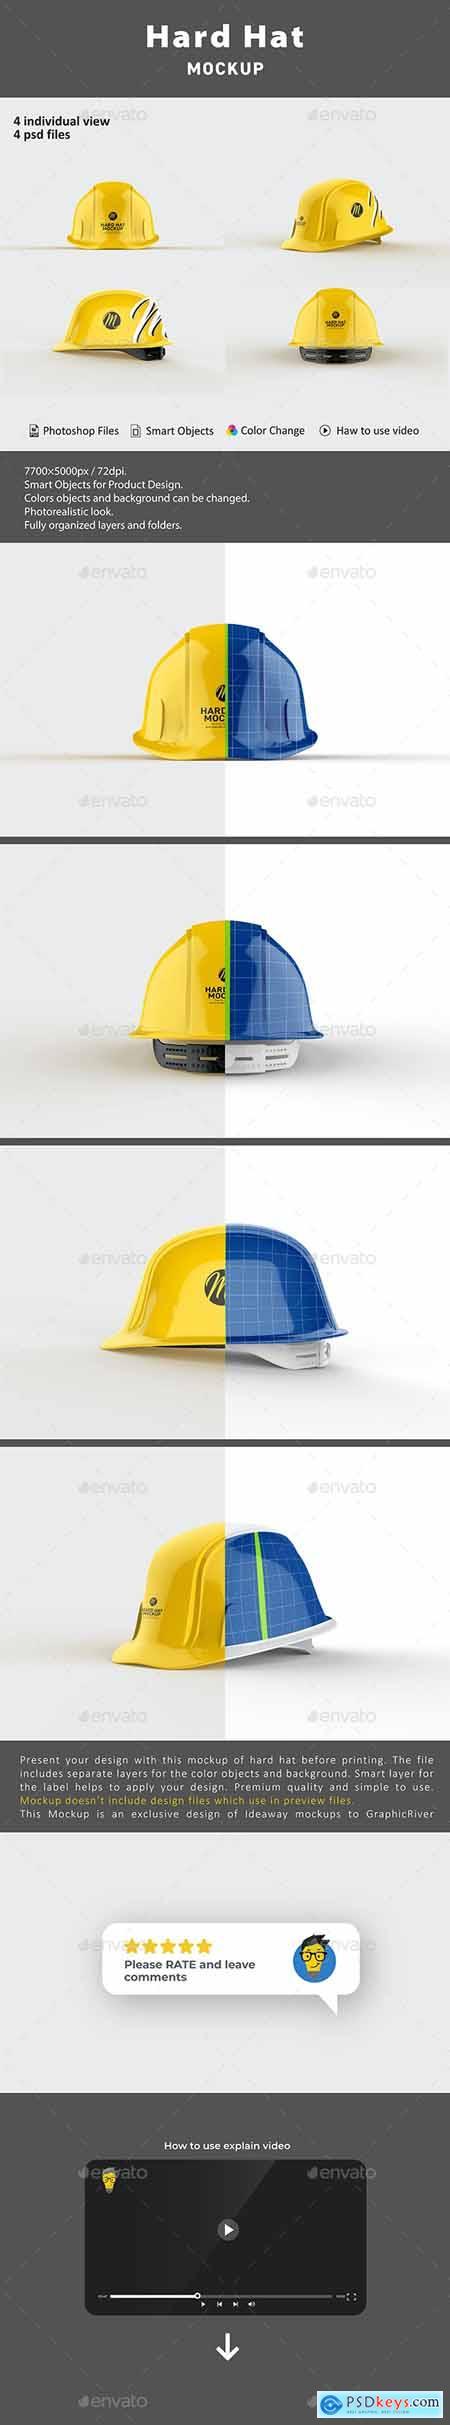 Hard Hat Mockup 27656802